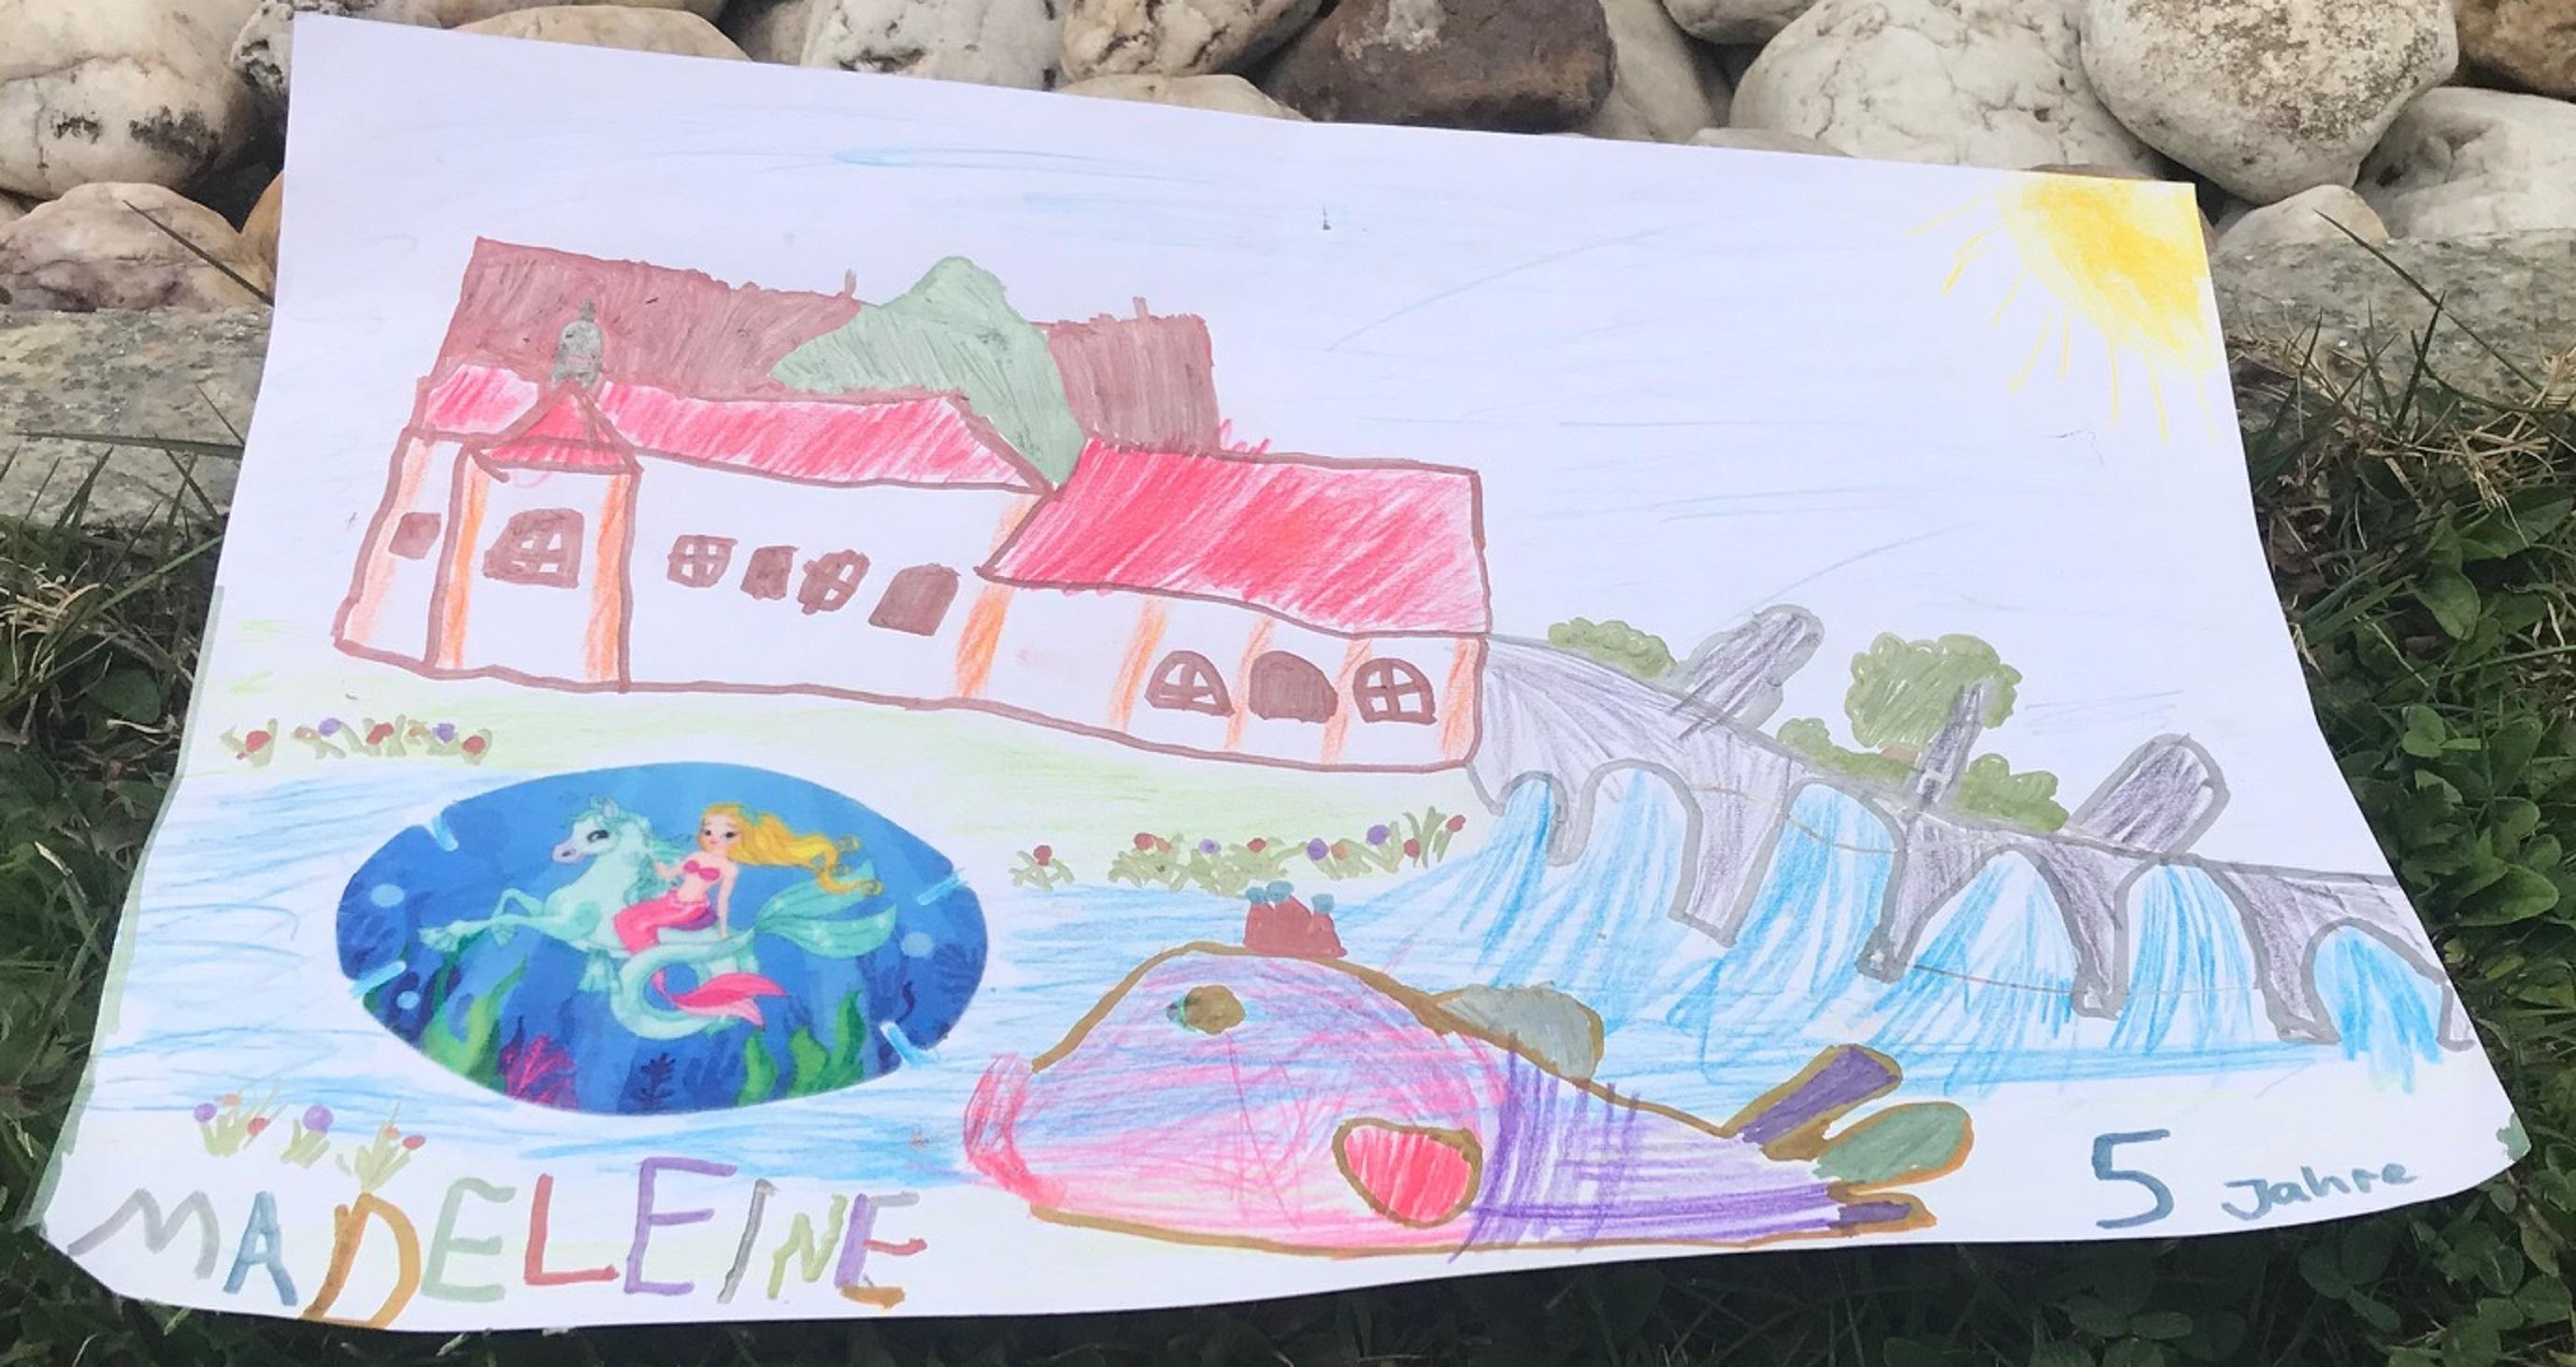 Madeleine_5Jahre-Kopie